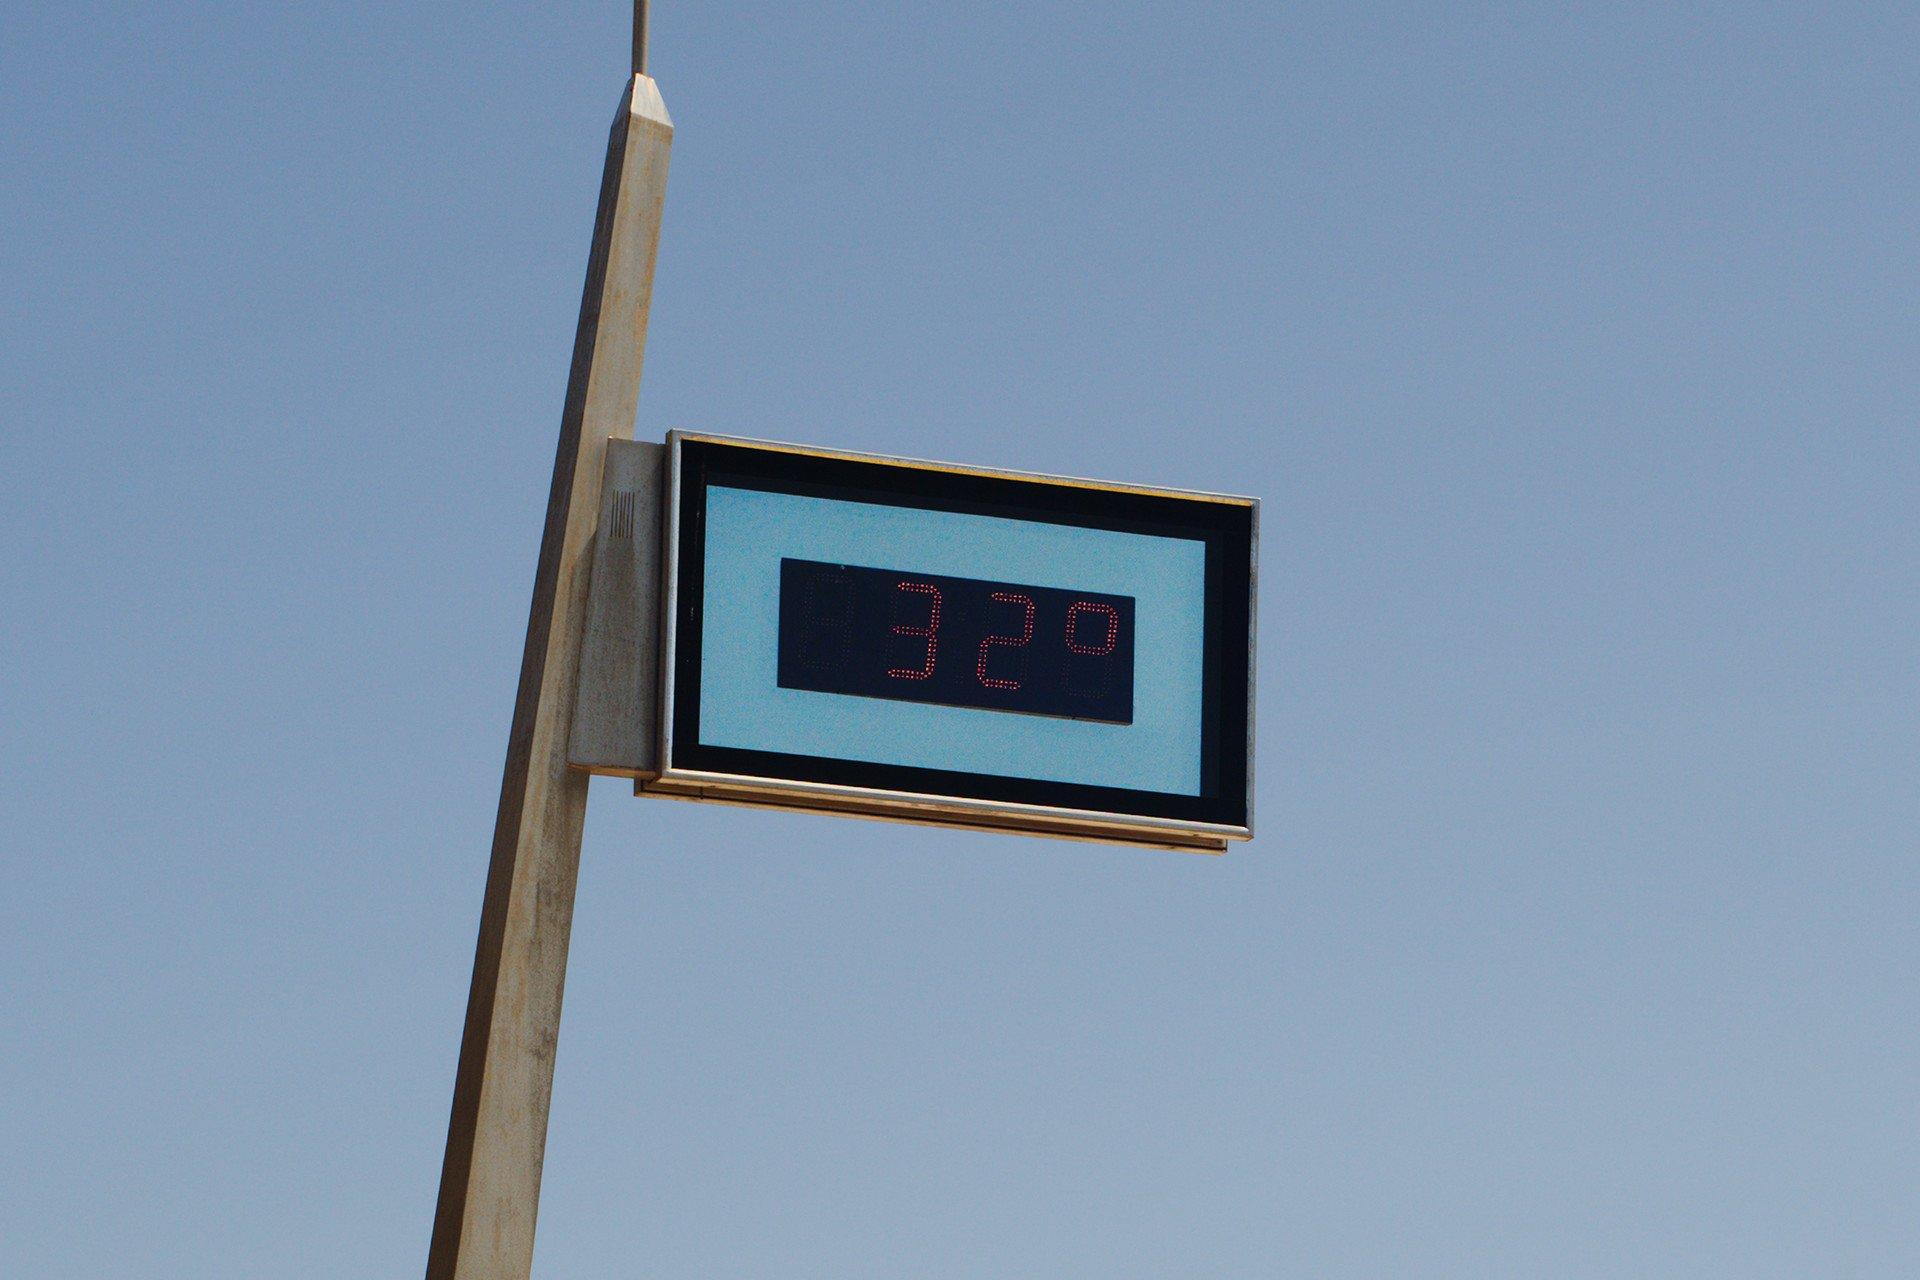 32 Degrees Celcius Sign